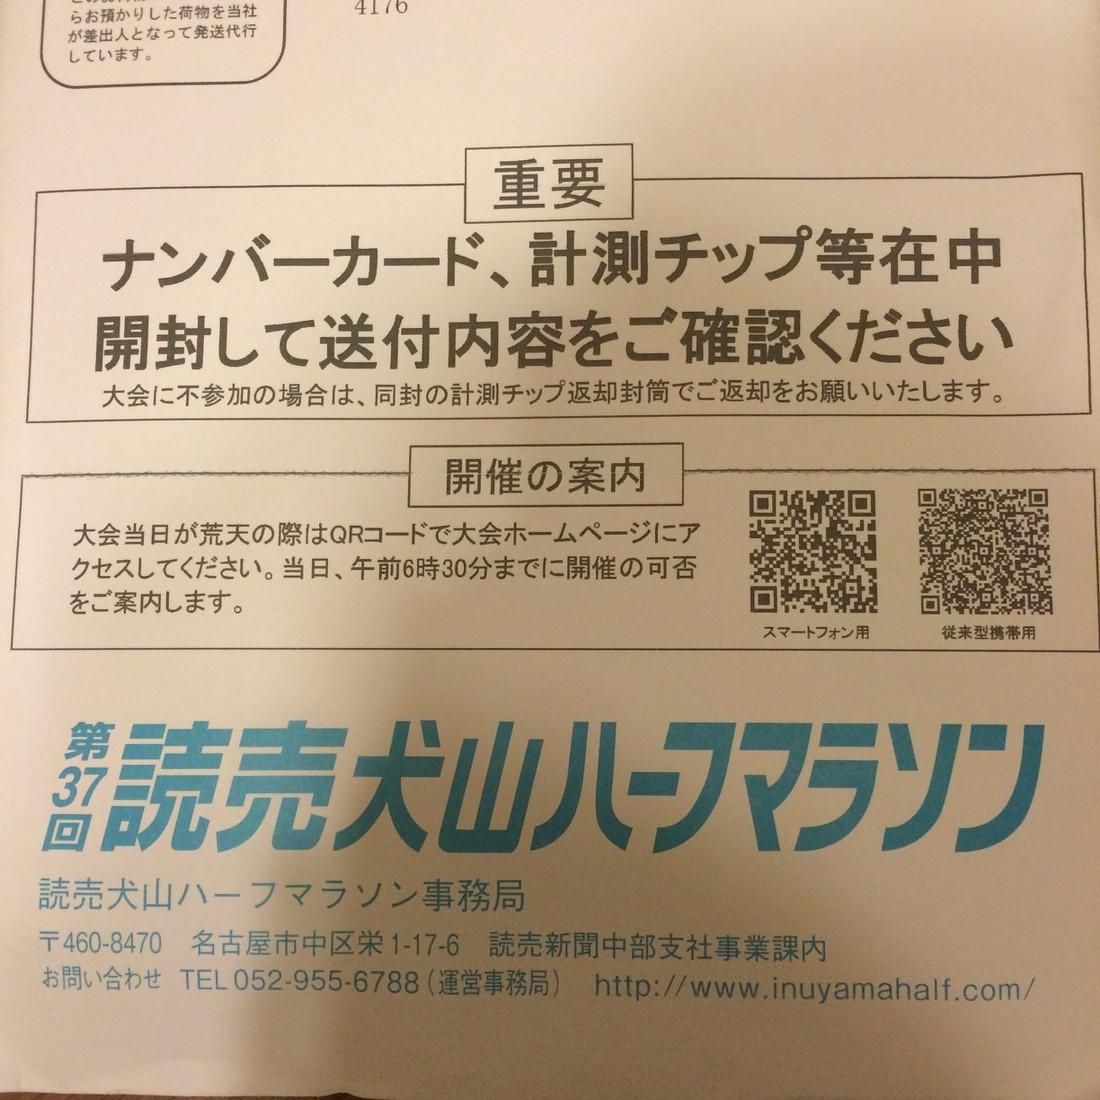 読売犬山ハーフマラソン2015の案内が届いたので開封!